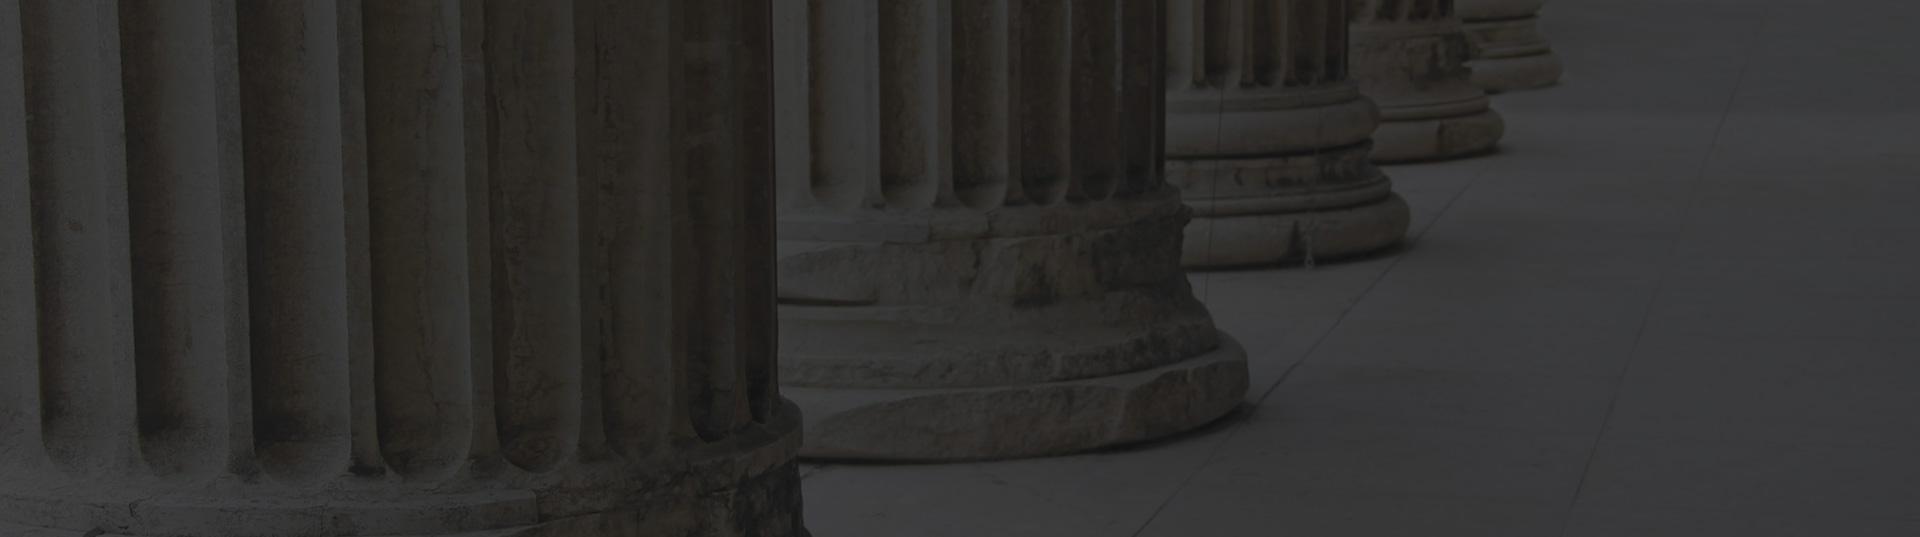 servicios-juridicos-slider